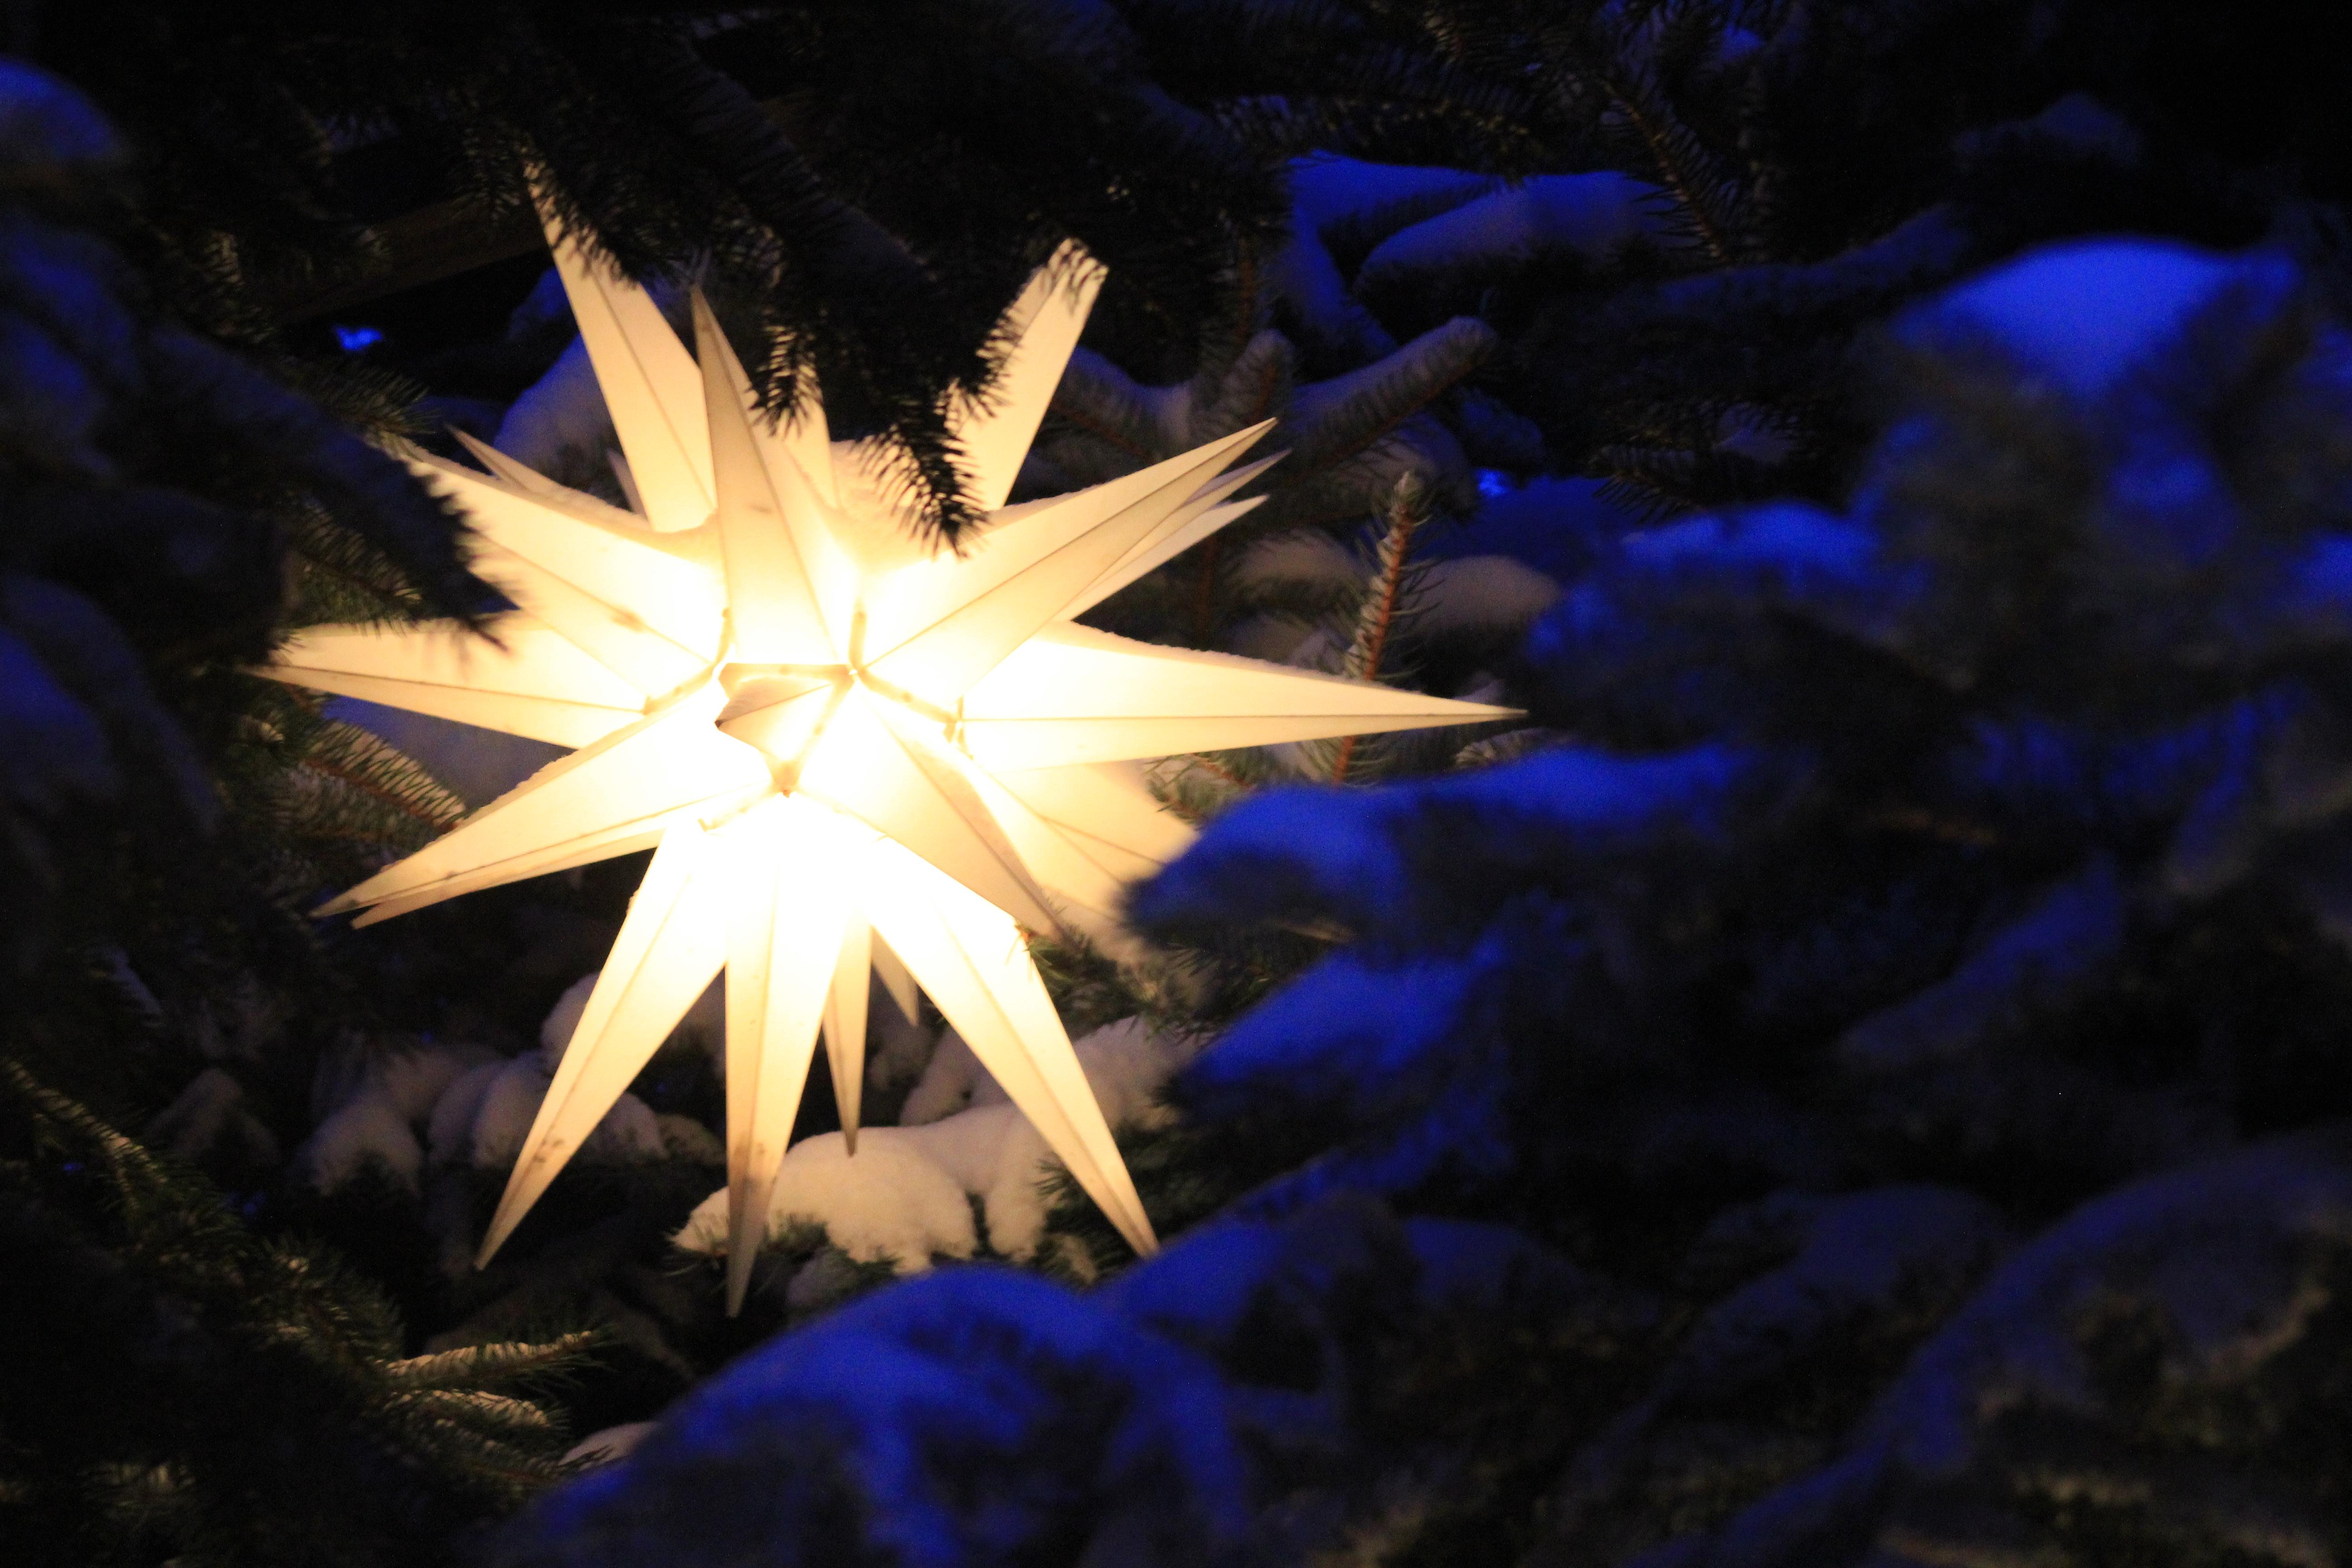 Weihnachtsstern Für Tannenbaum.Datei Weihnachtsstern Im Tannenbaum Licterhaus In Niederwürschnitz